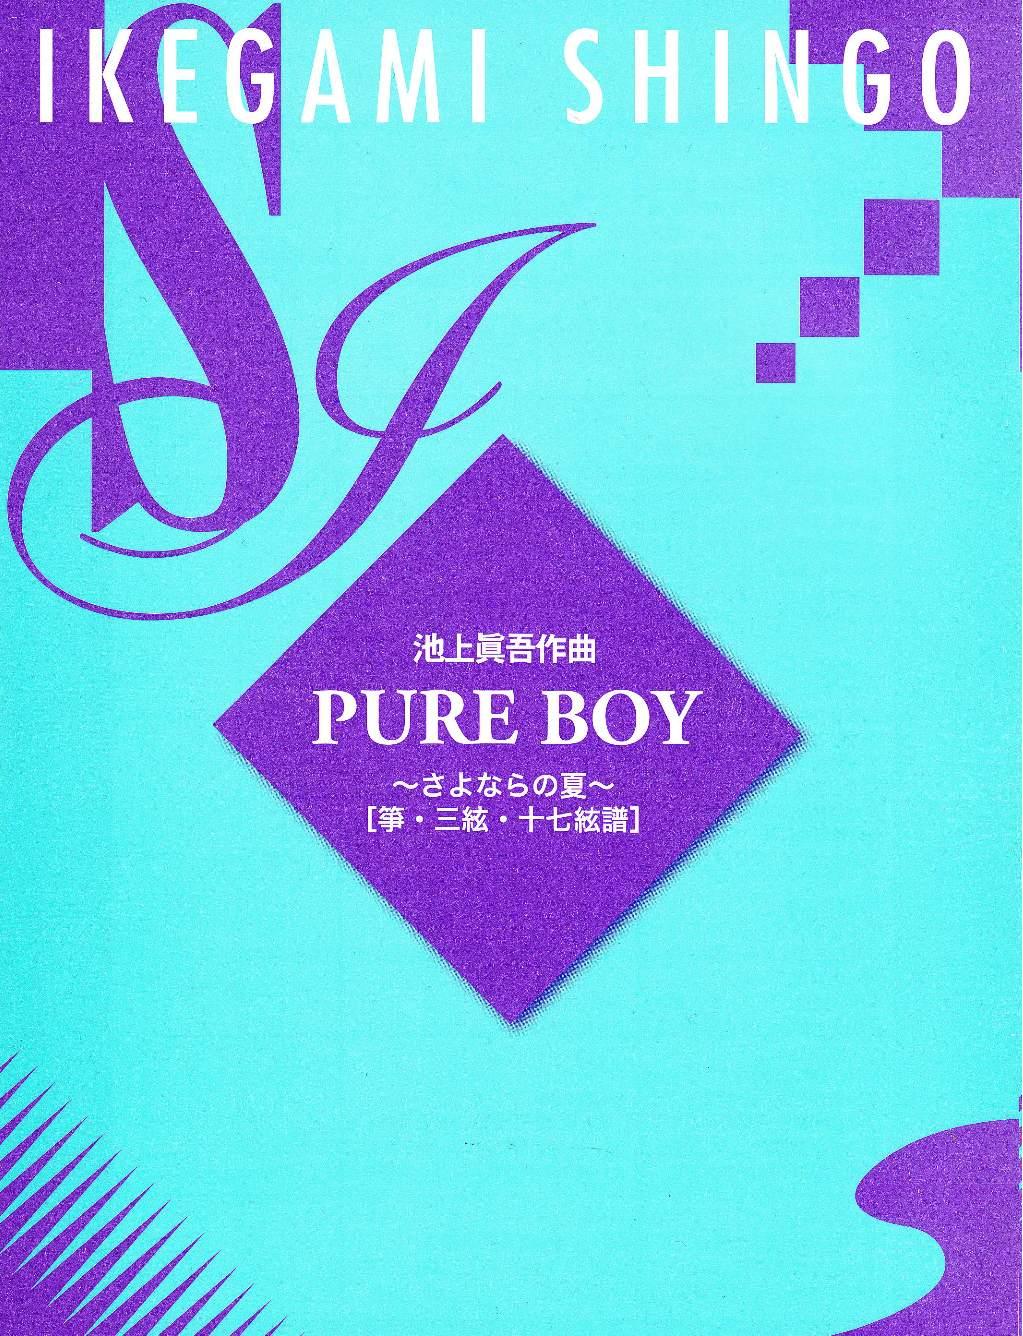 PURE BOY〜さよならの夏(箏譜)[5401-1]